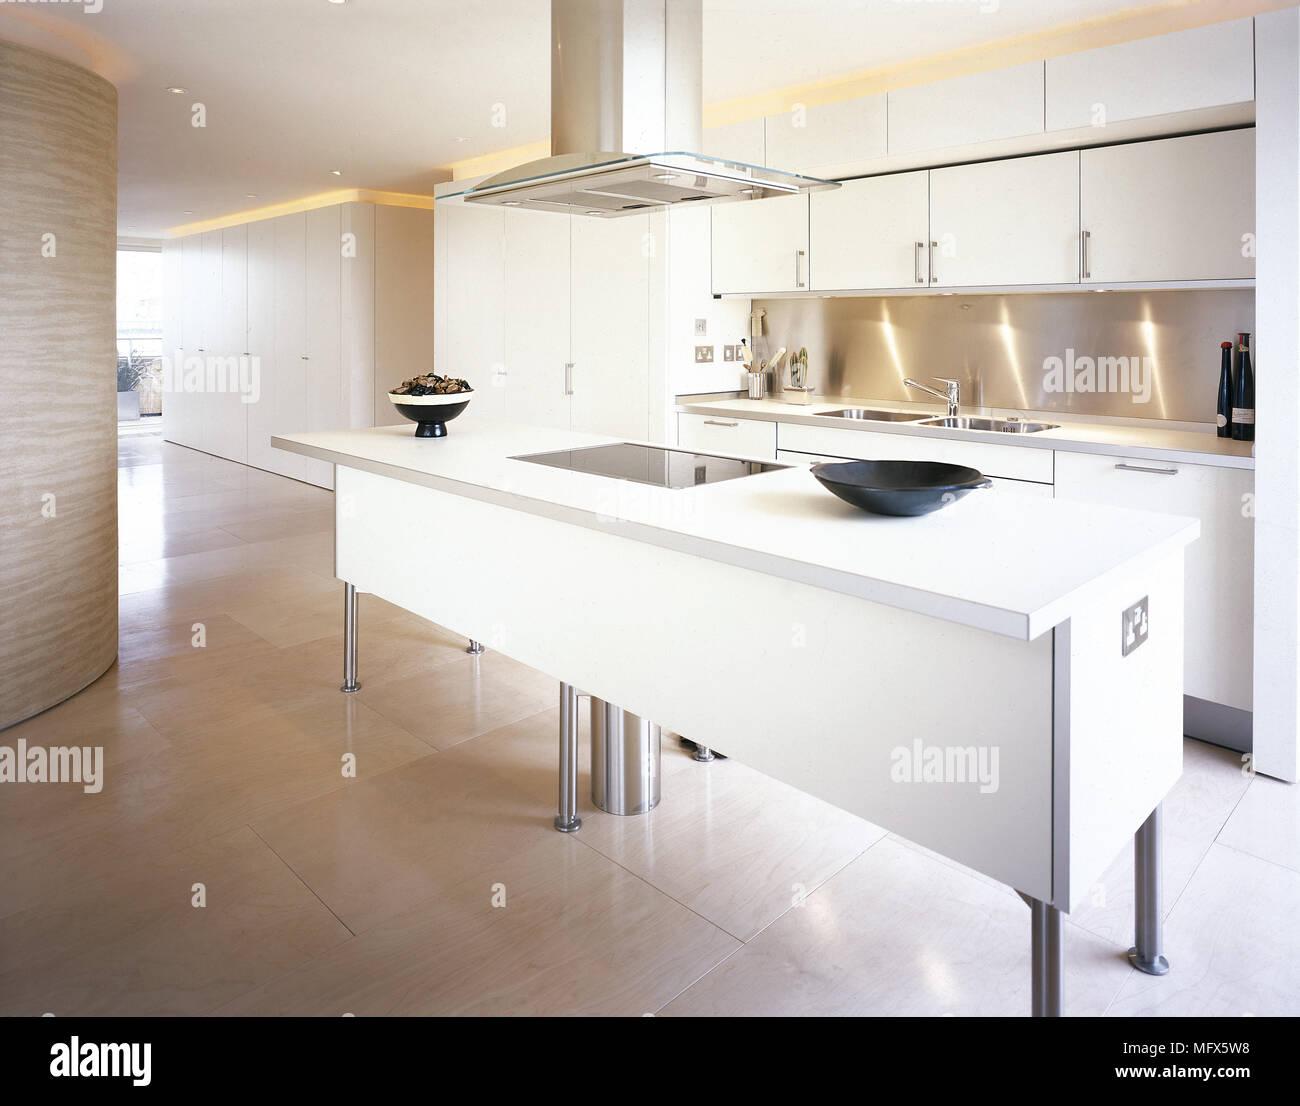 Die moderne, offene Küche mit Fliesenboden, weißen Schränken ...